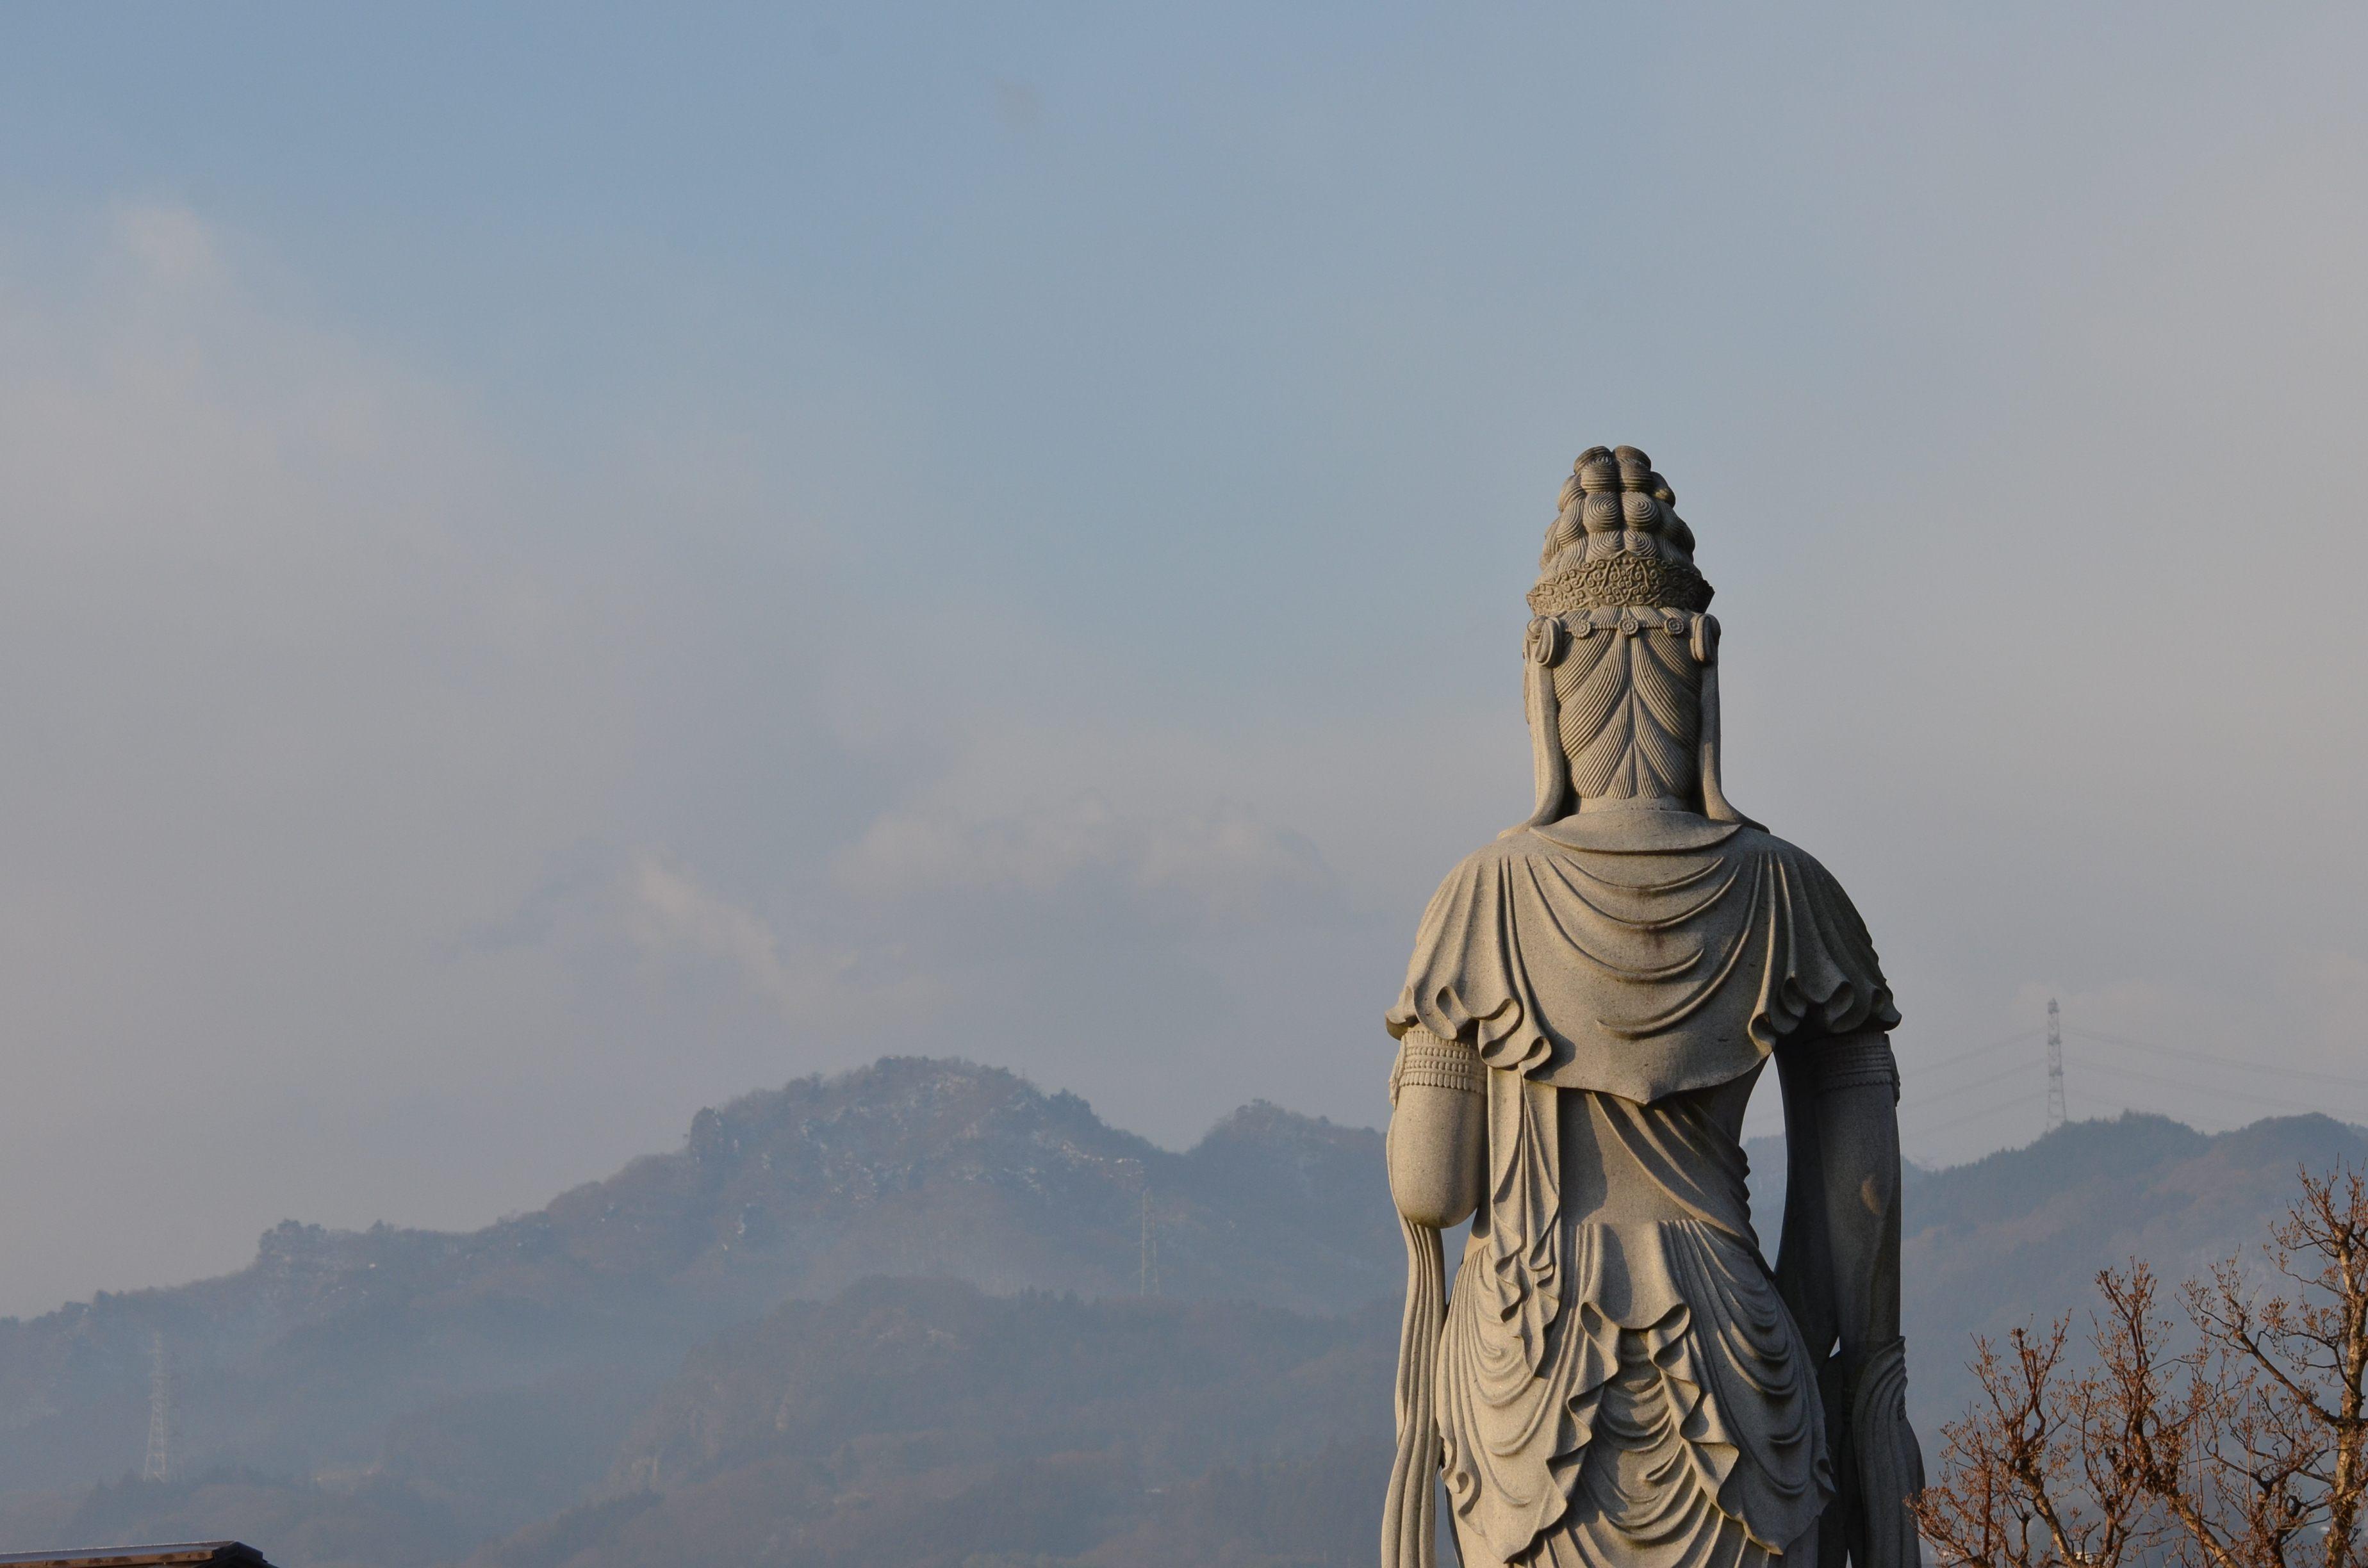 清見寺の聖観世音菩薩像です。向こうの山は岩櫃山です。